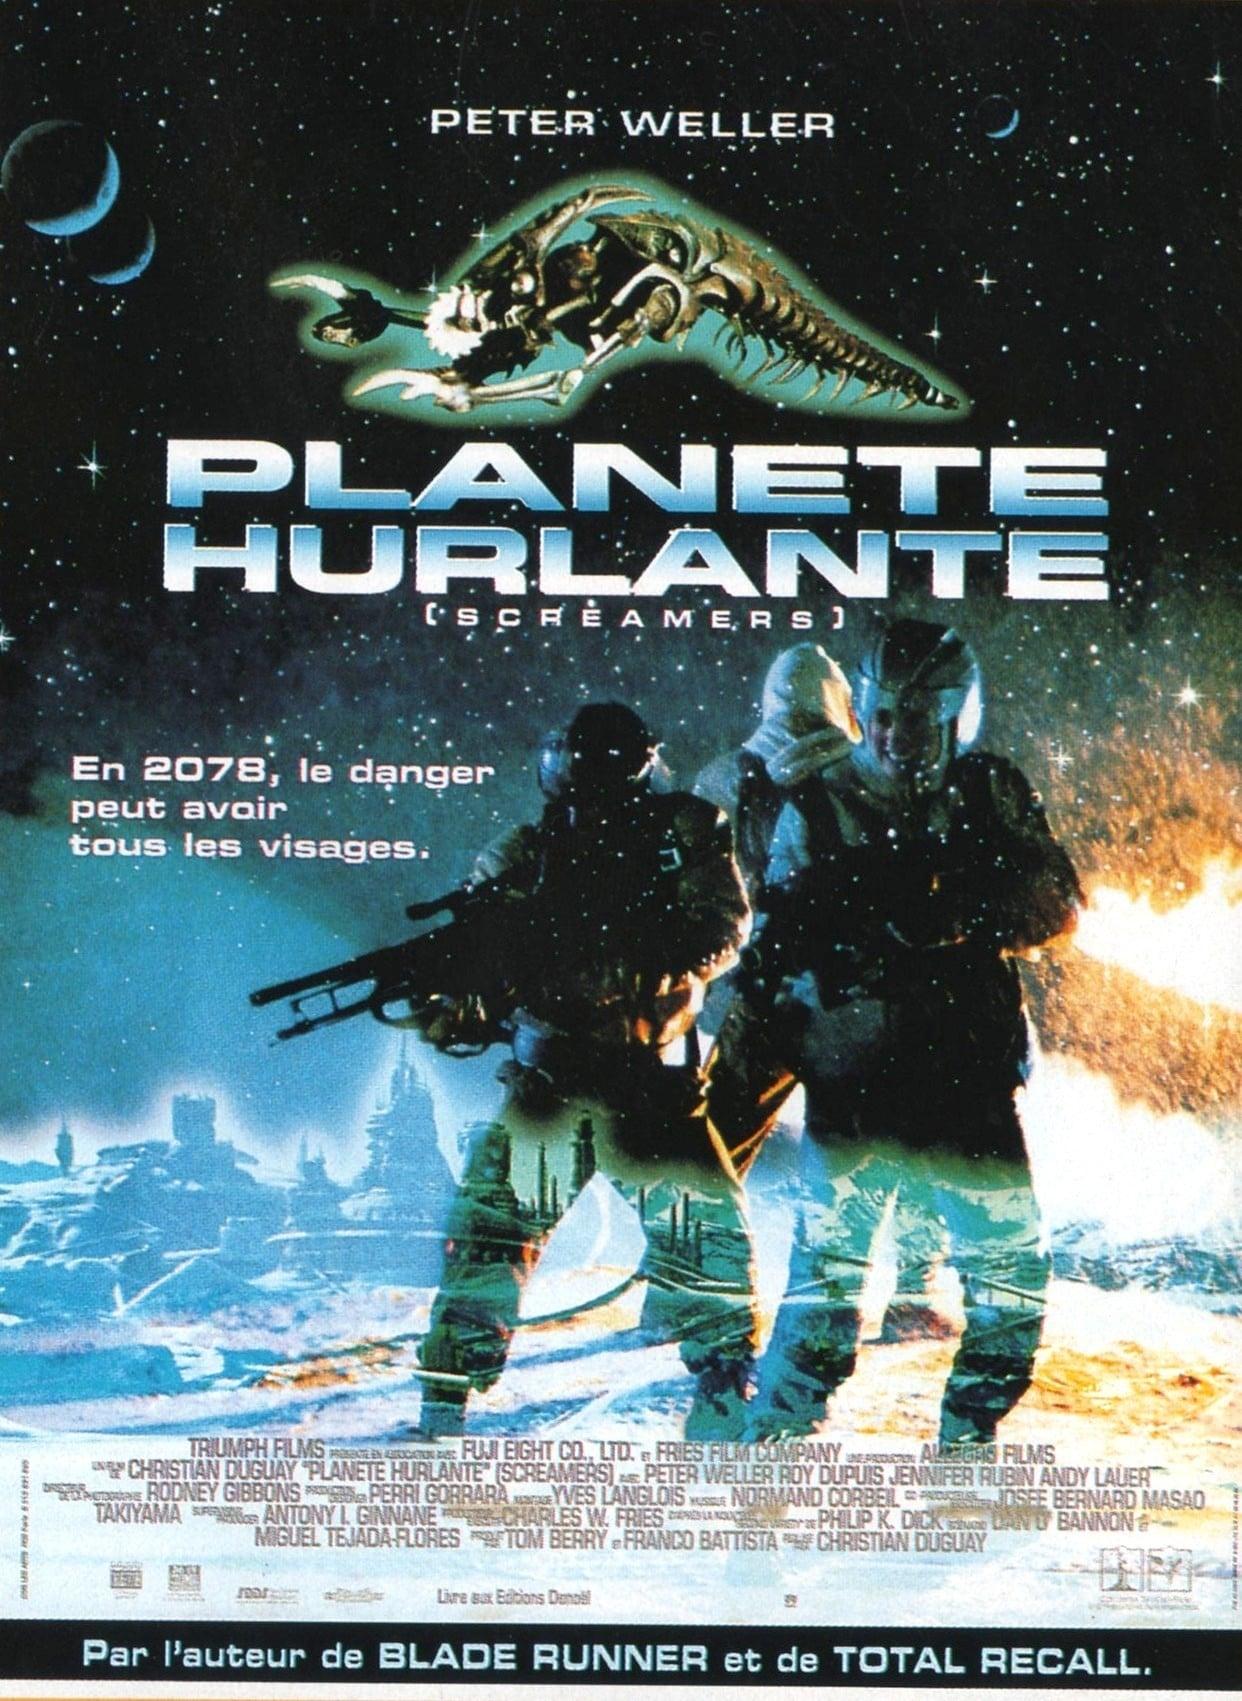 affiche du film Planète hurlante